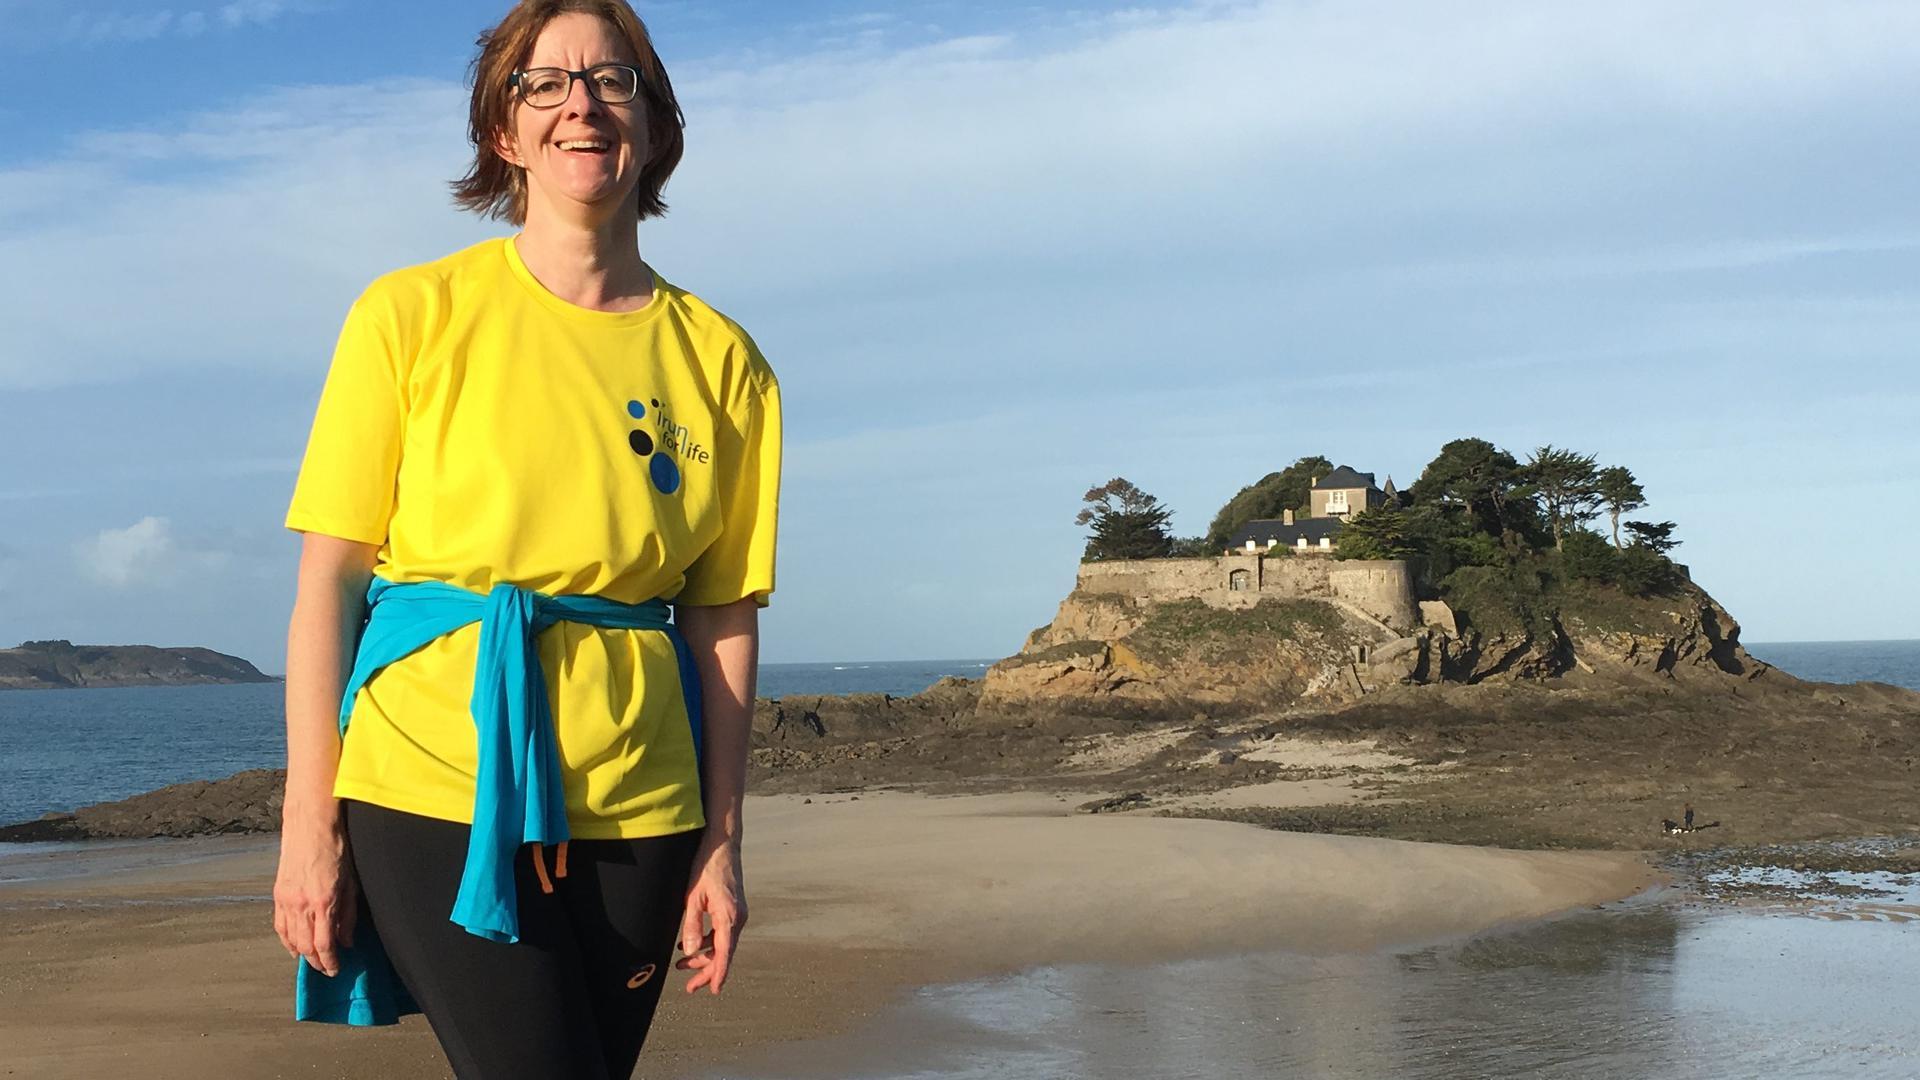 Sie bleibt trotz Corona optimistisch: Anne Ruellan - hier in einem früheren Frankreich-Urlaub - gibt Tipps, wie Betroffene die Erkrankung besser überstehen können.